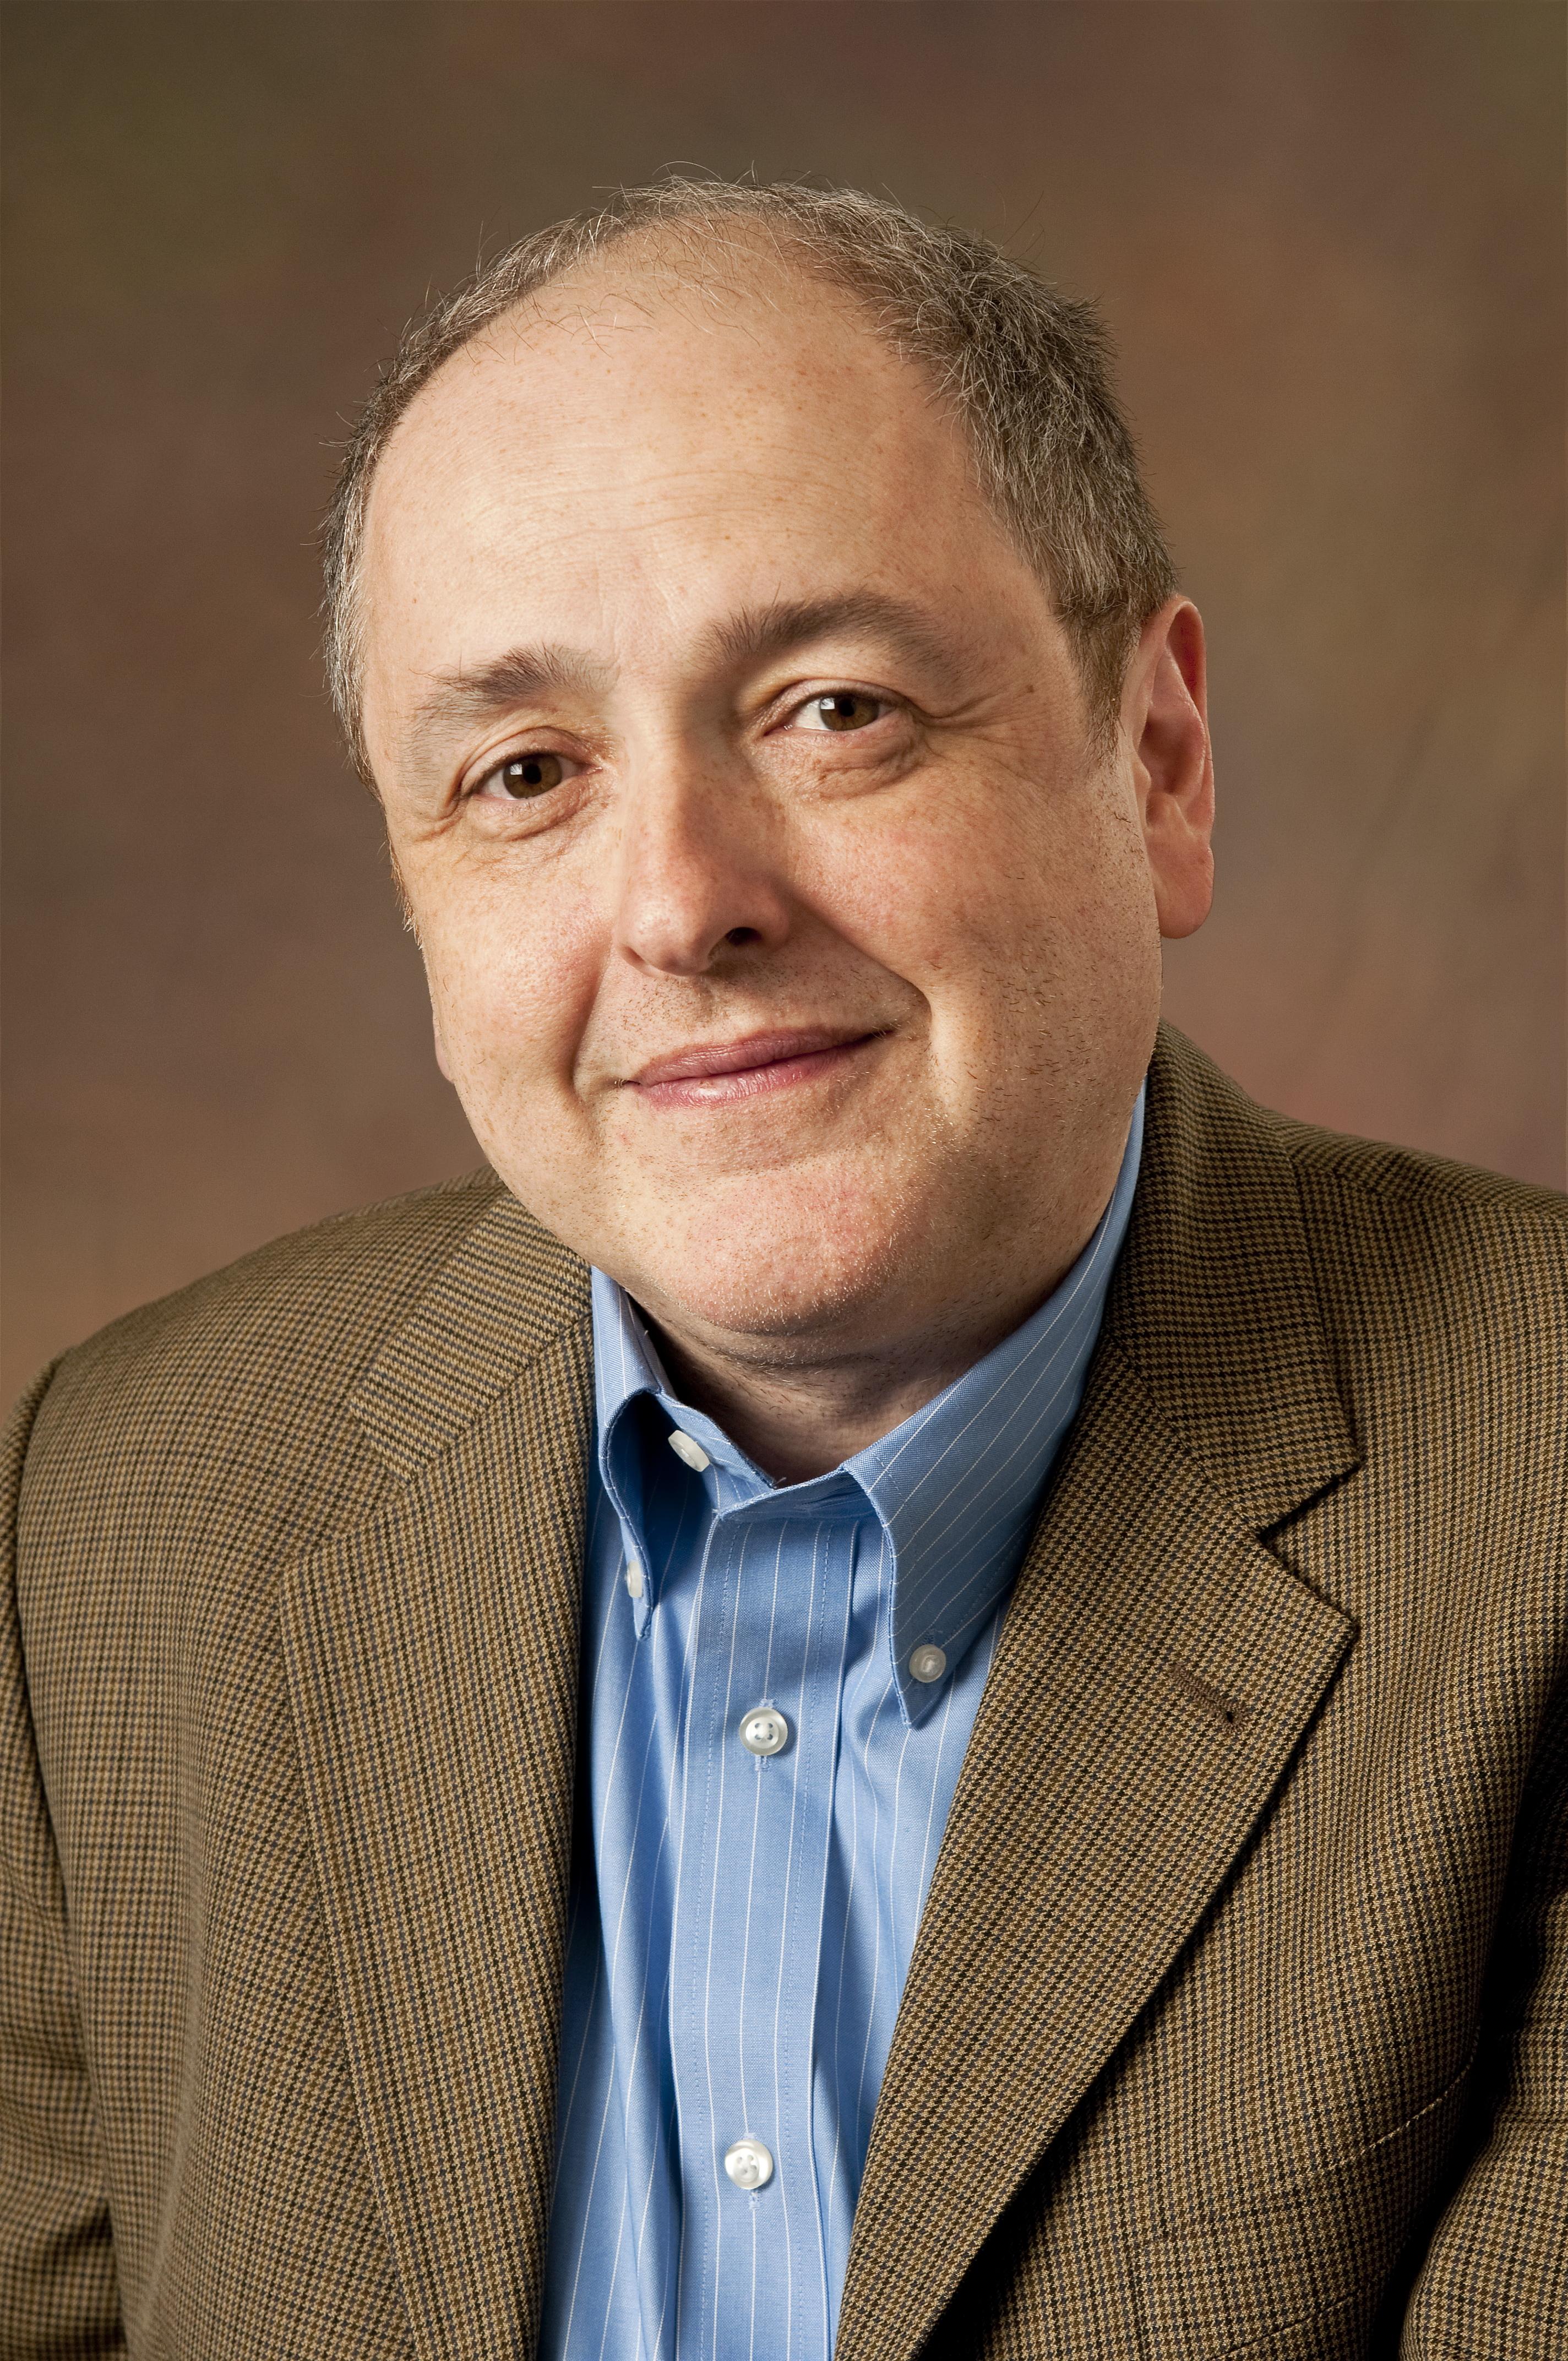 Brian Leiter